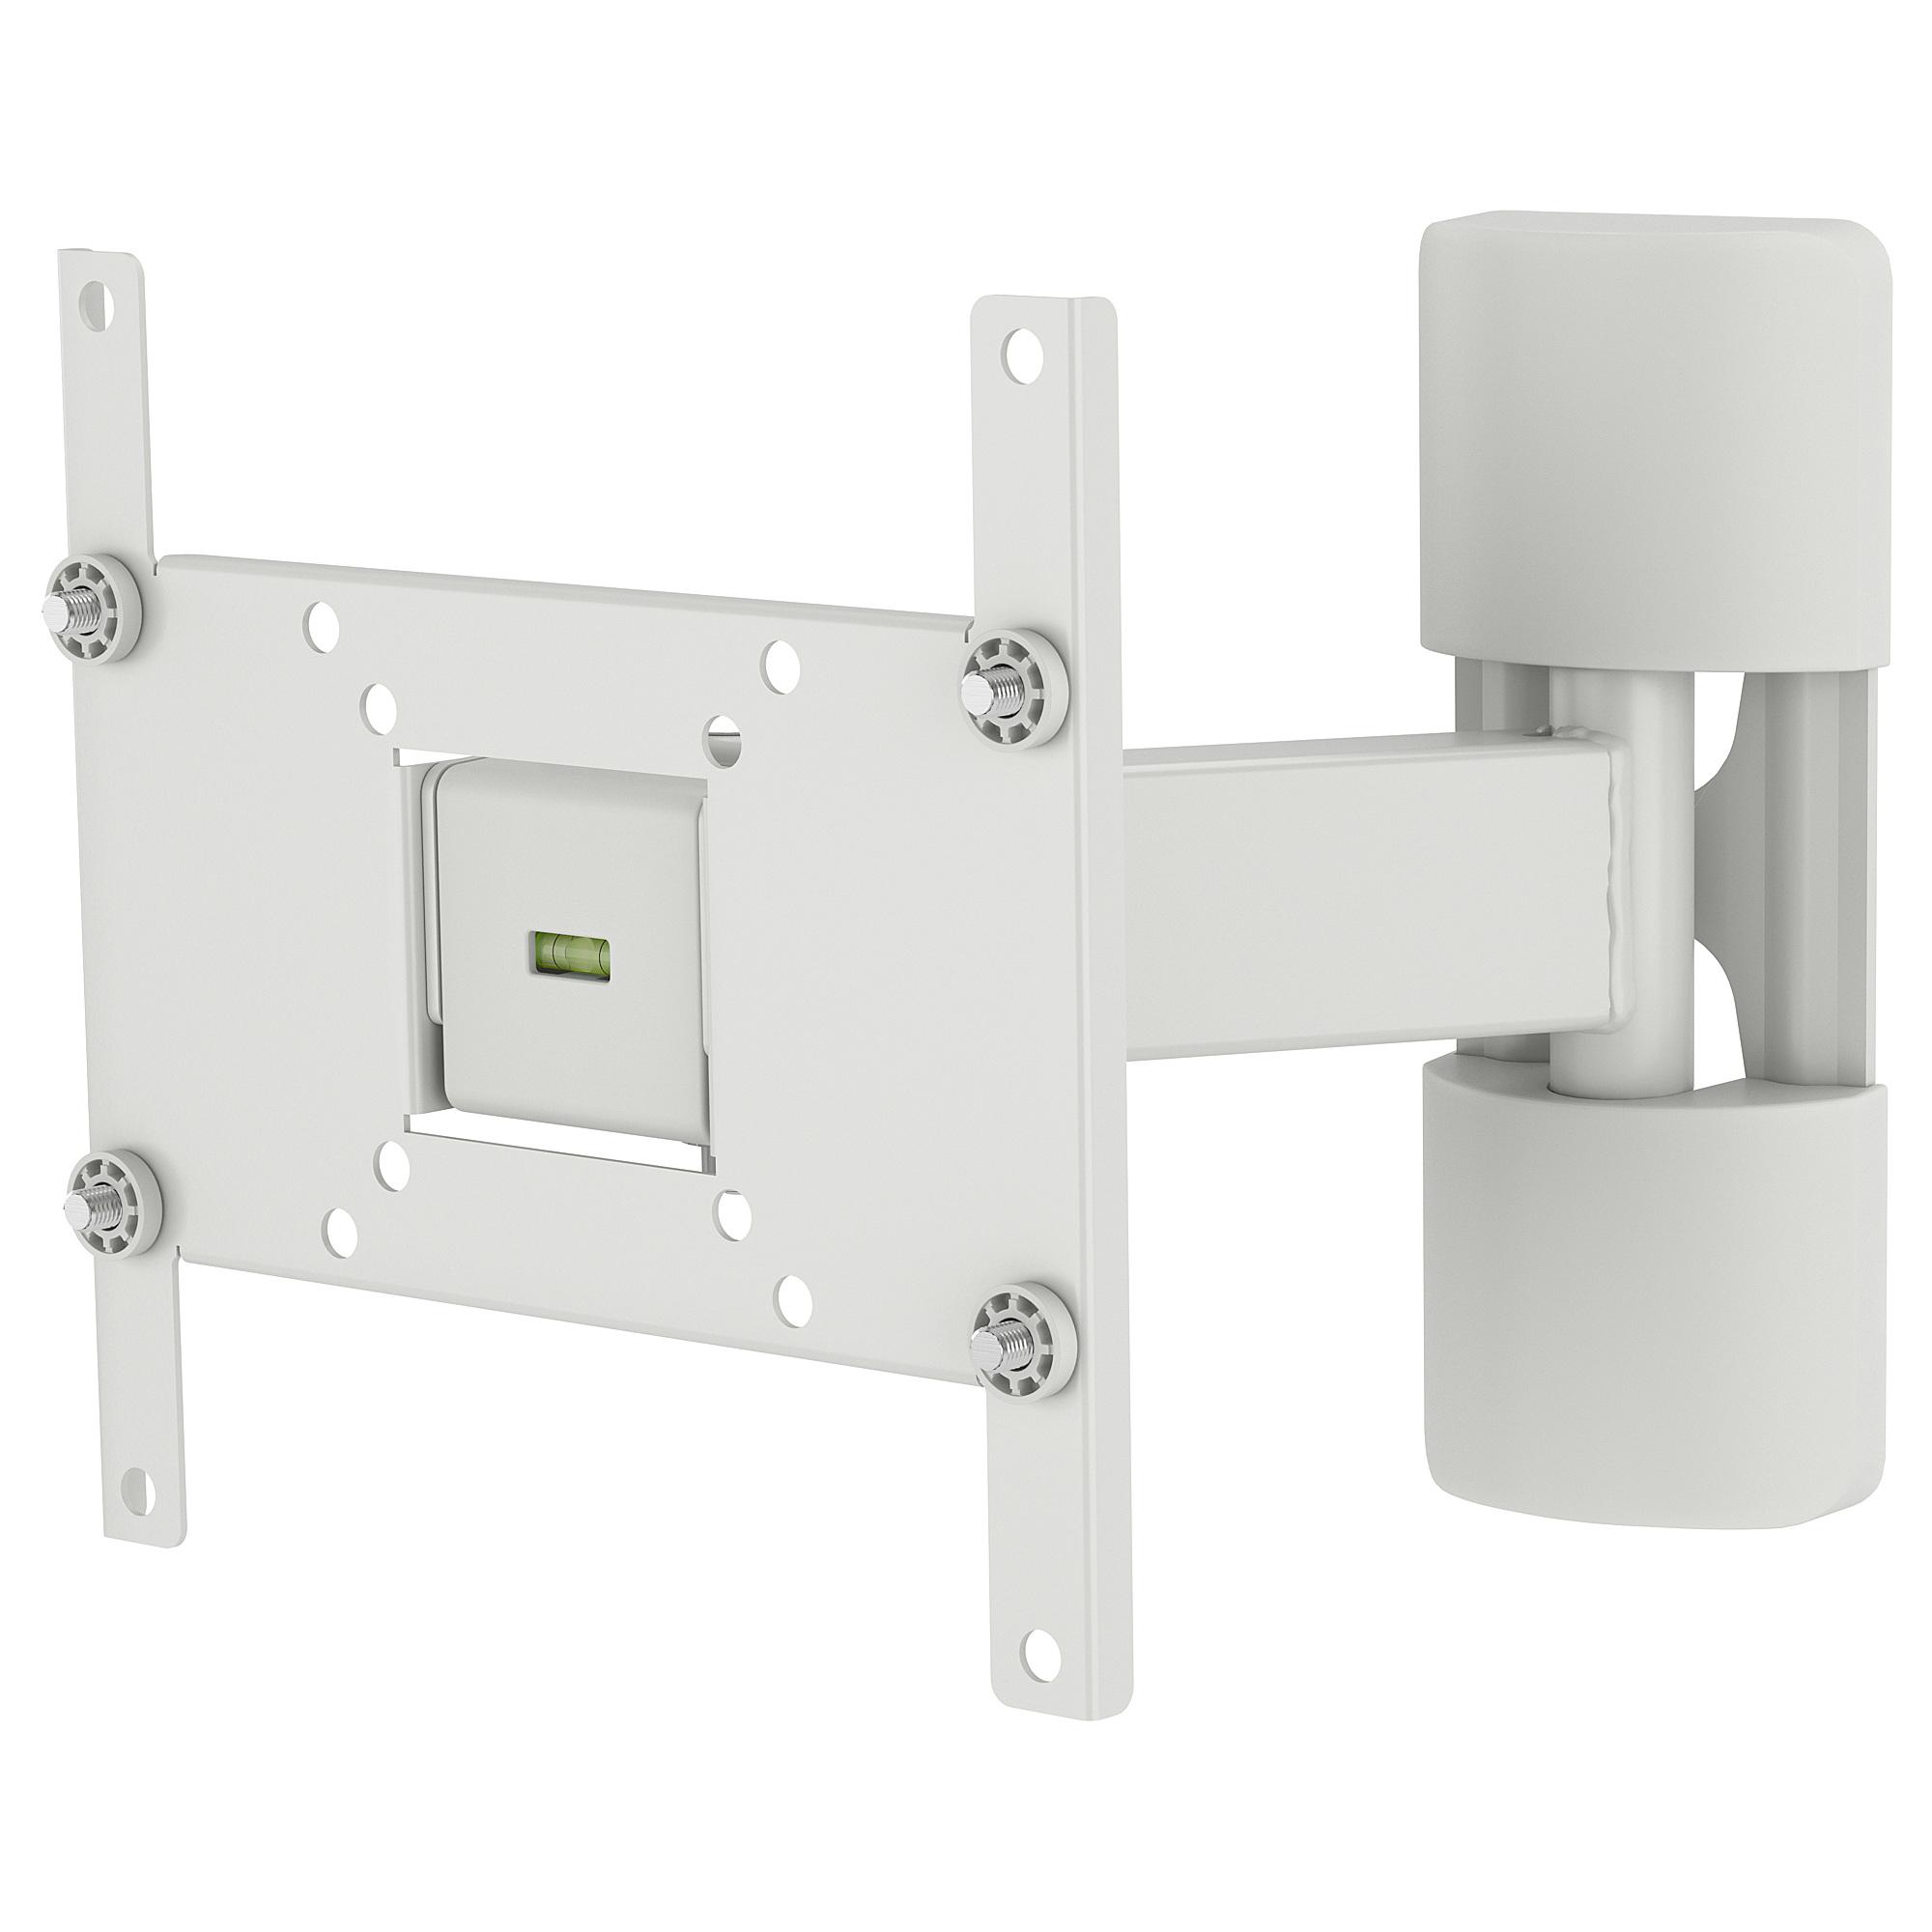 Uppleva Wall Bracket For Tv Tilt Swivel 19 32 Wall Brackets  # Ikea Uppleva Pied